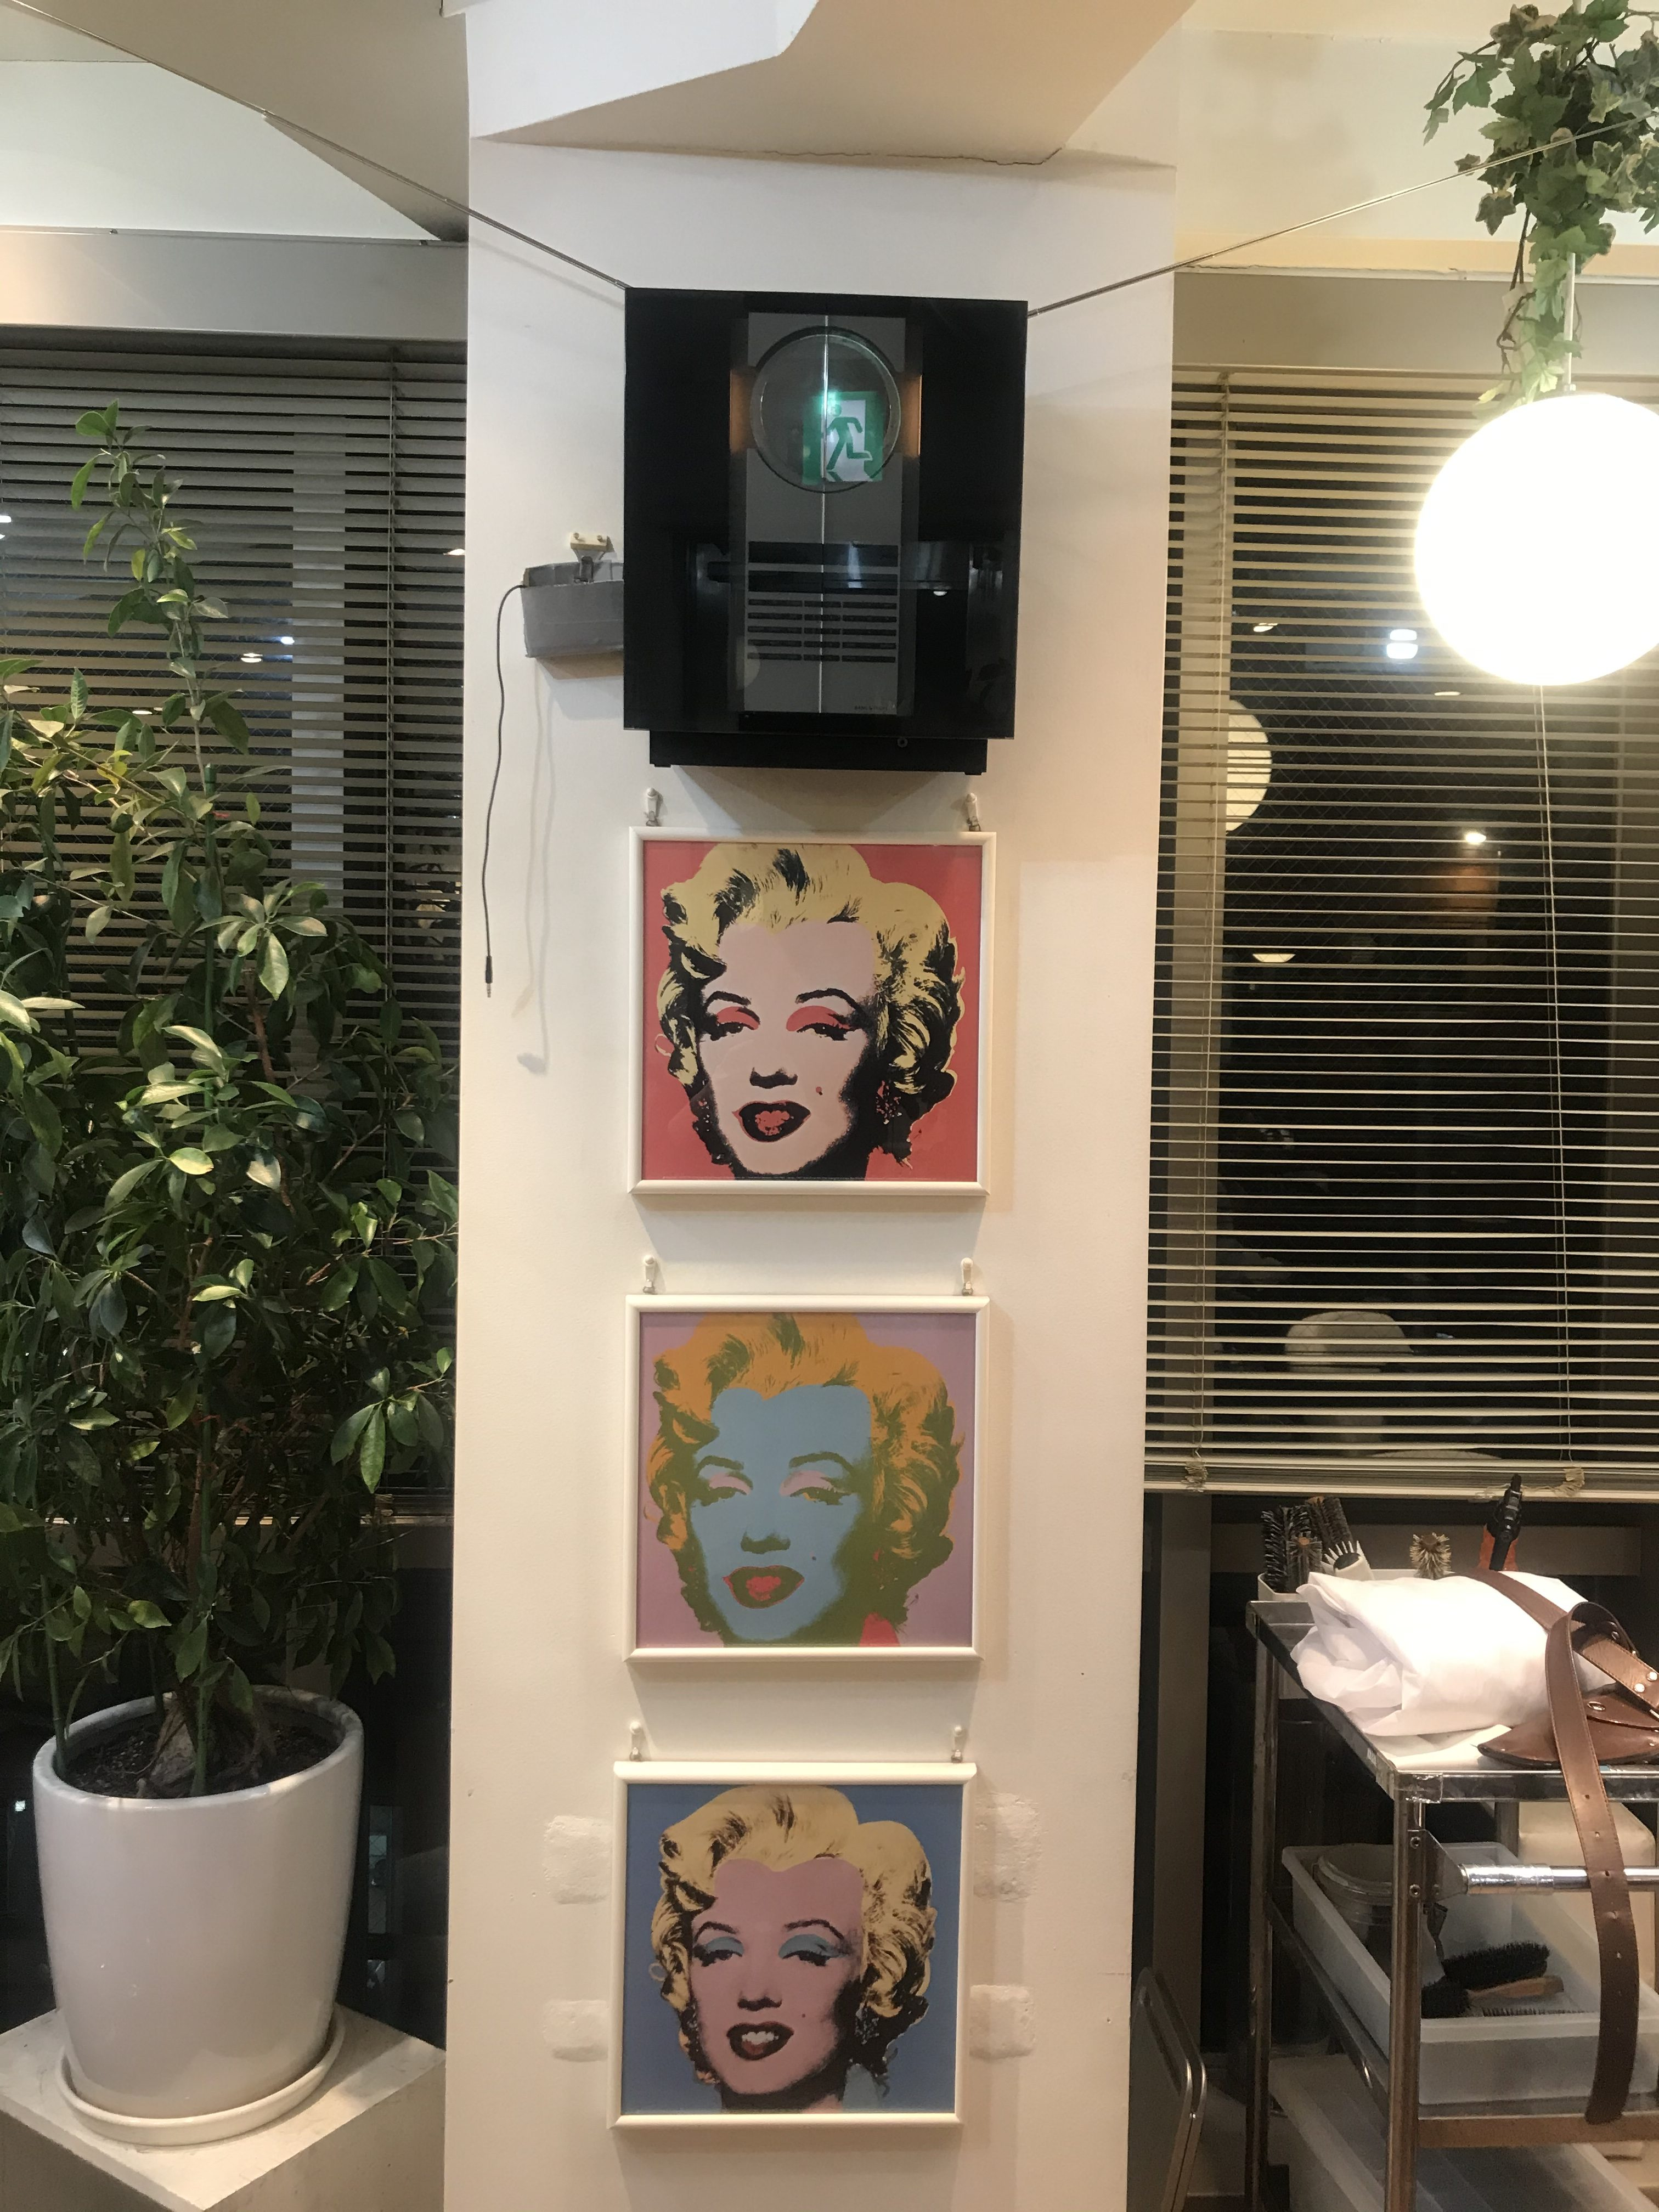 恵比寿 美容室 | 恵比寿 美容院 | Arcoiris(アルコイリス) | 恵比寿 美容室 メンズ | 恵比寿 美容院 メンズ | カットが上手い